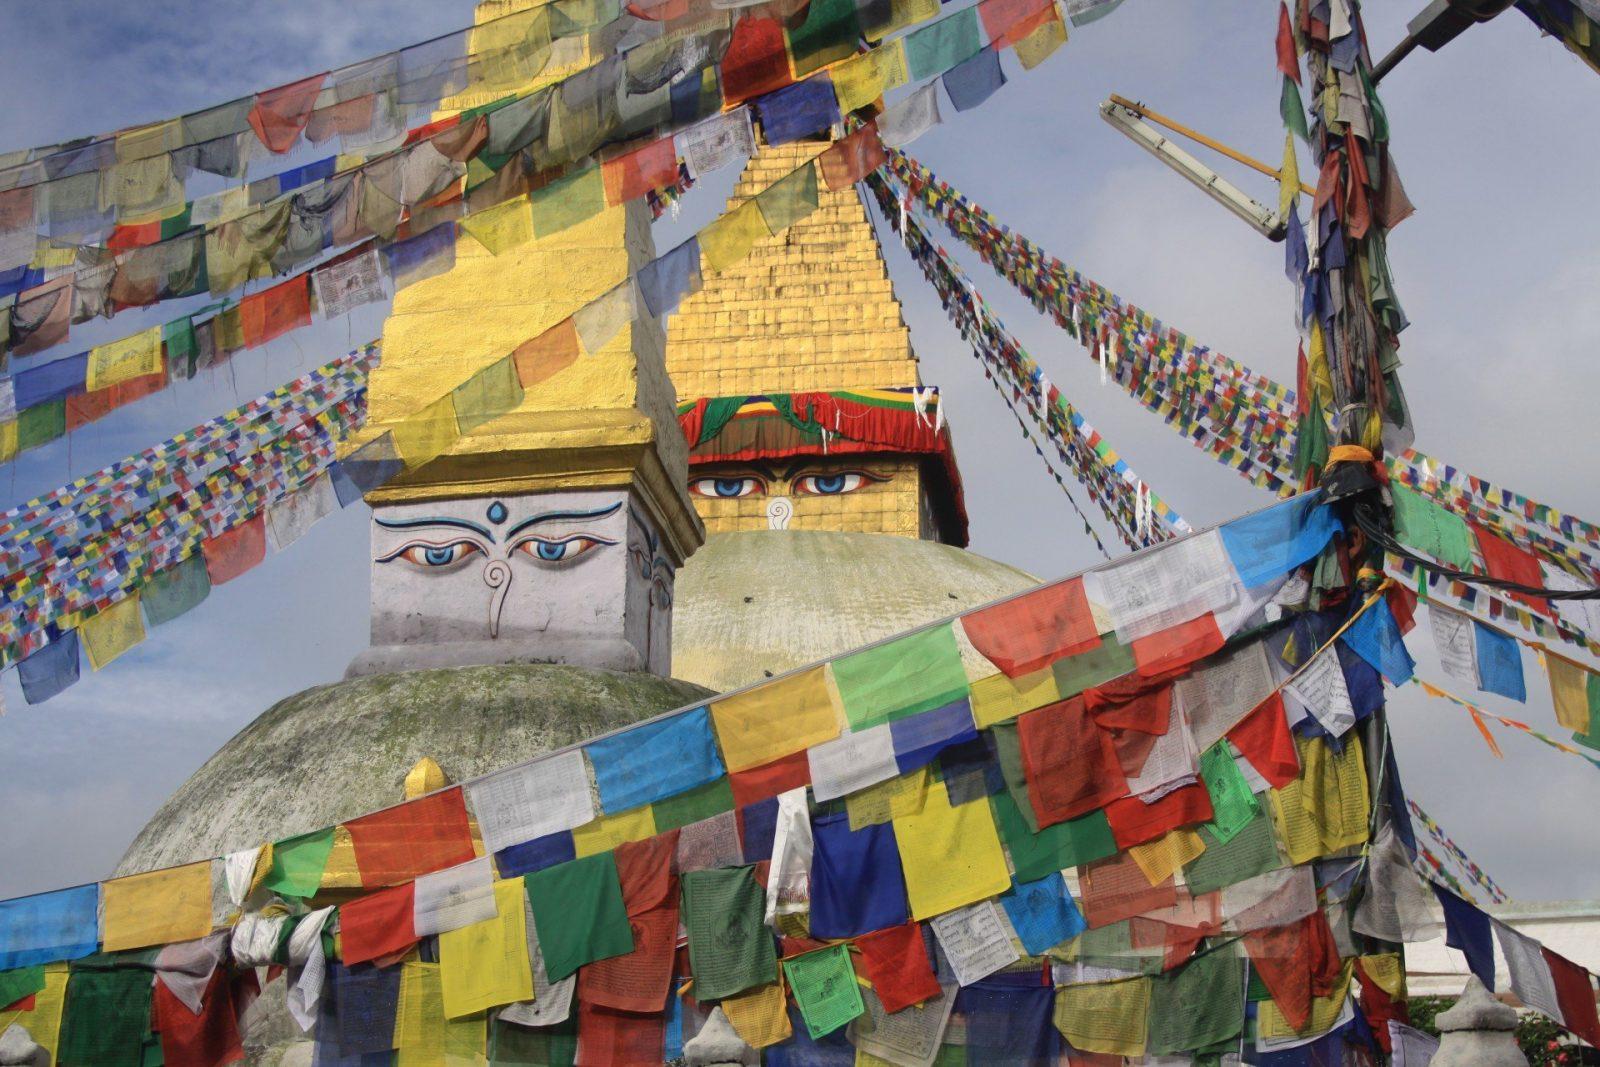 Die Bodnath Stupa in Kathmandu zählt mit zu den größten Stupas ausserhalb von Tibet